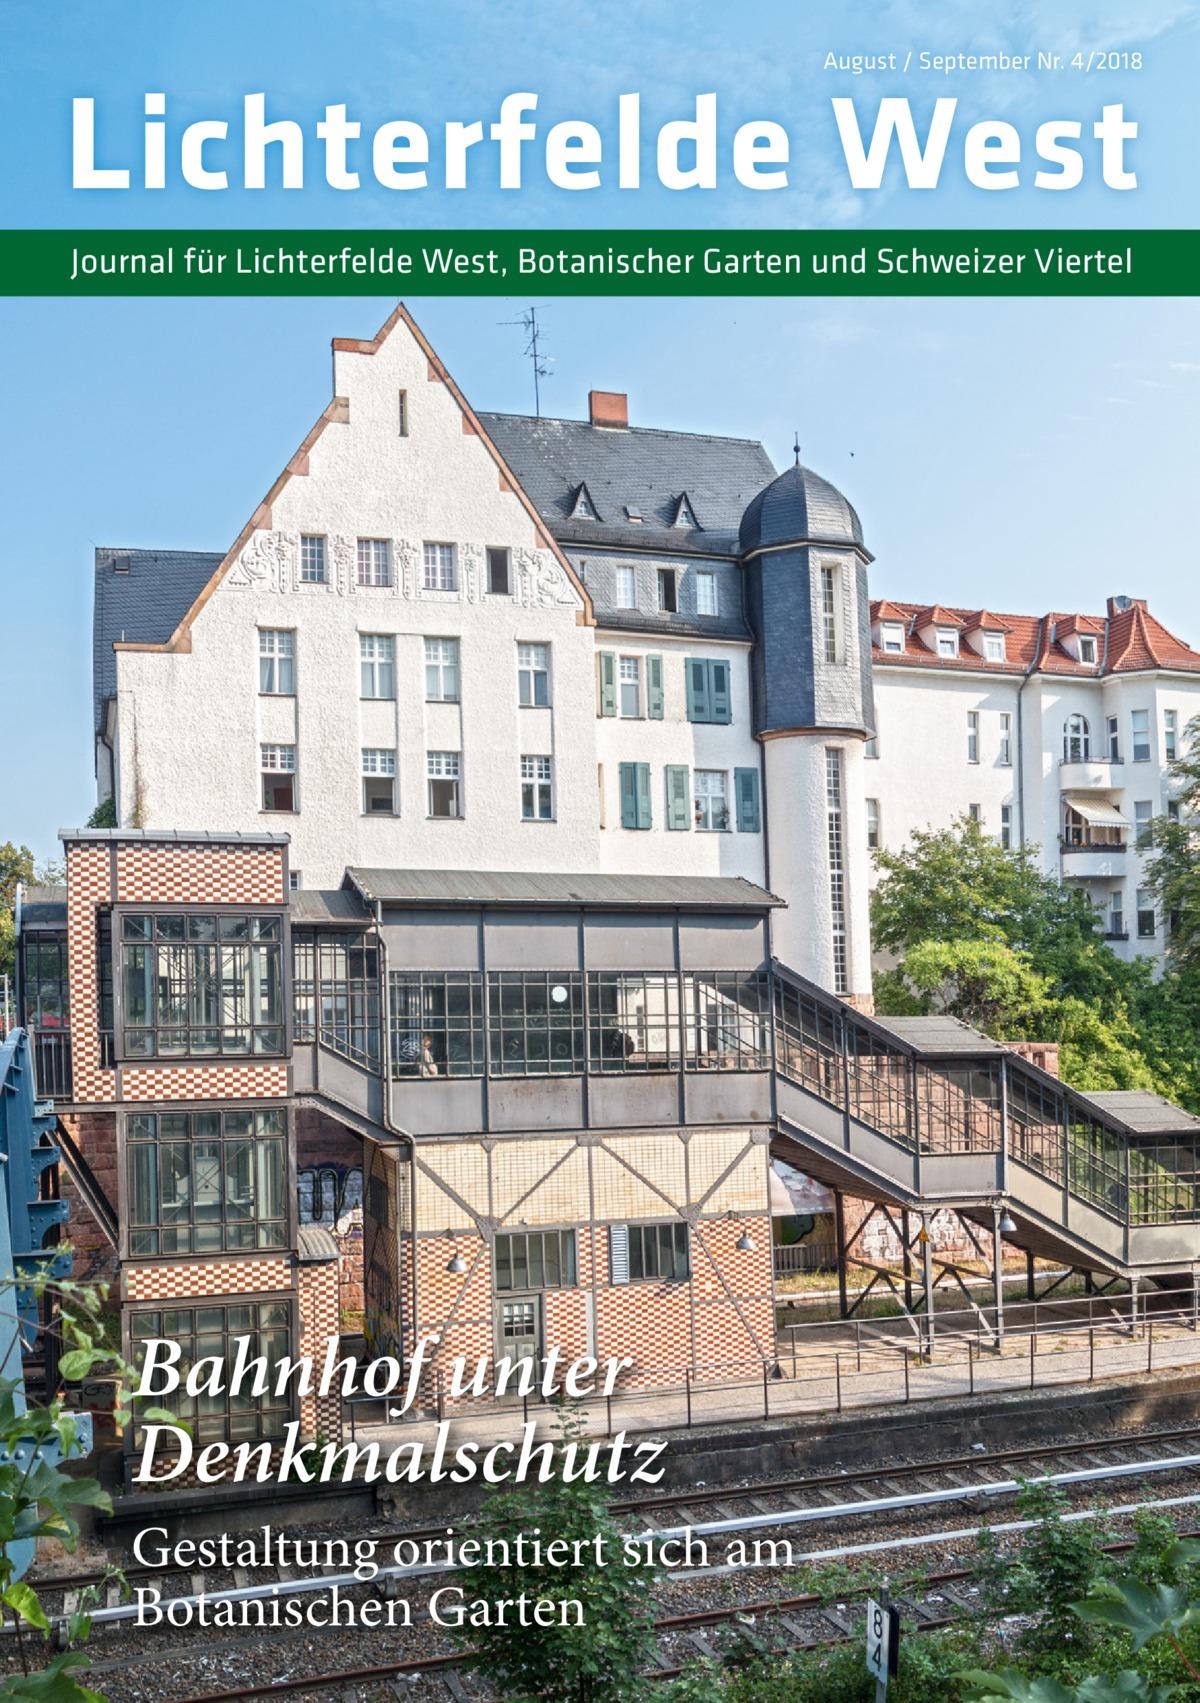 August / September Nr. 4/2018  Lichterfelde West Journal für Lichterfelde West, Botanischer Garten und Schweizer Viertel  Bahnhof unter Denkmalschutz Gestaltung orientiert sich am Botanischen Garten